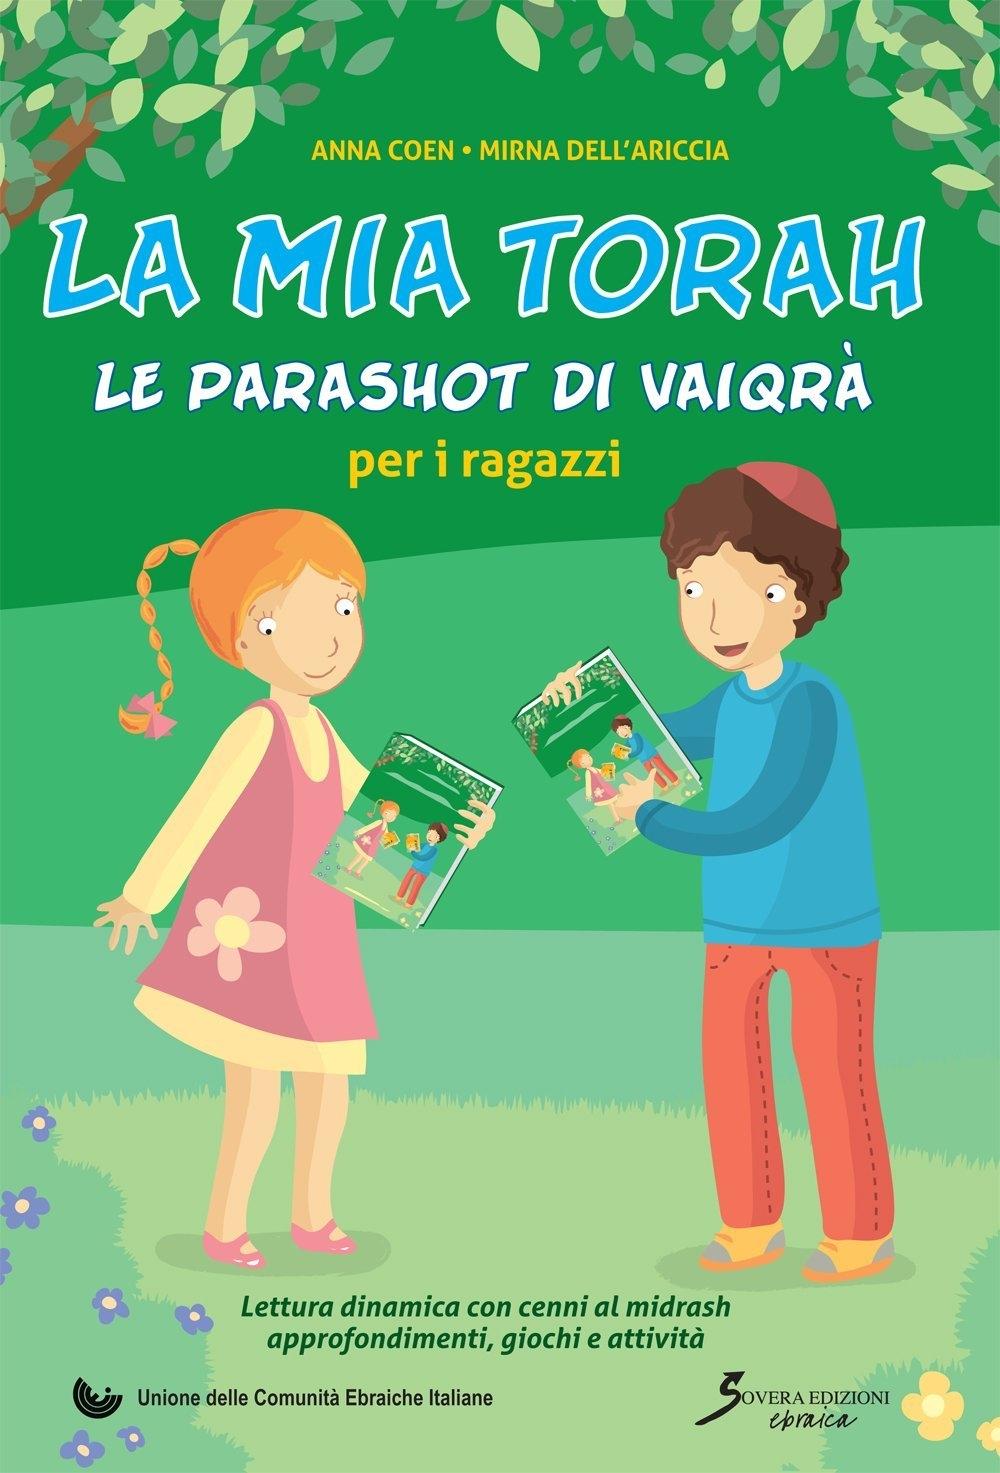 La mia Torah. Le parashot di Vaiorà per i ragazzi.